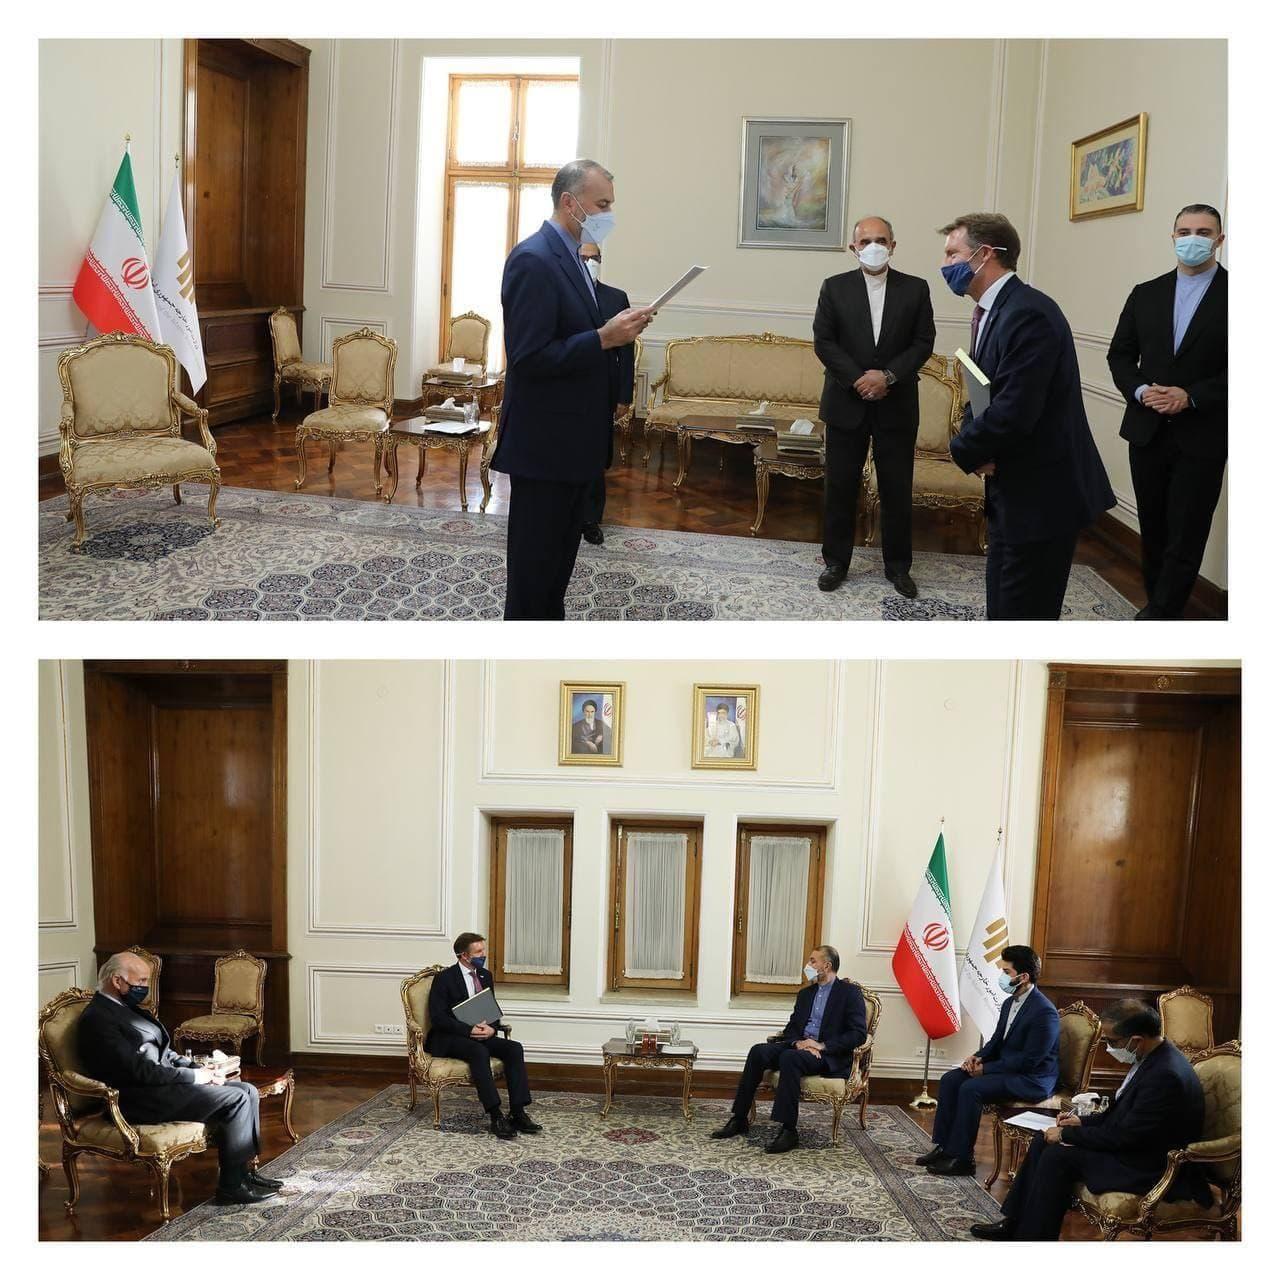 دیدار سفیر جدید بریتانیا با وزیر خارجه ایران